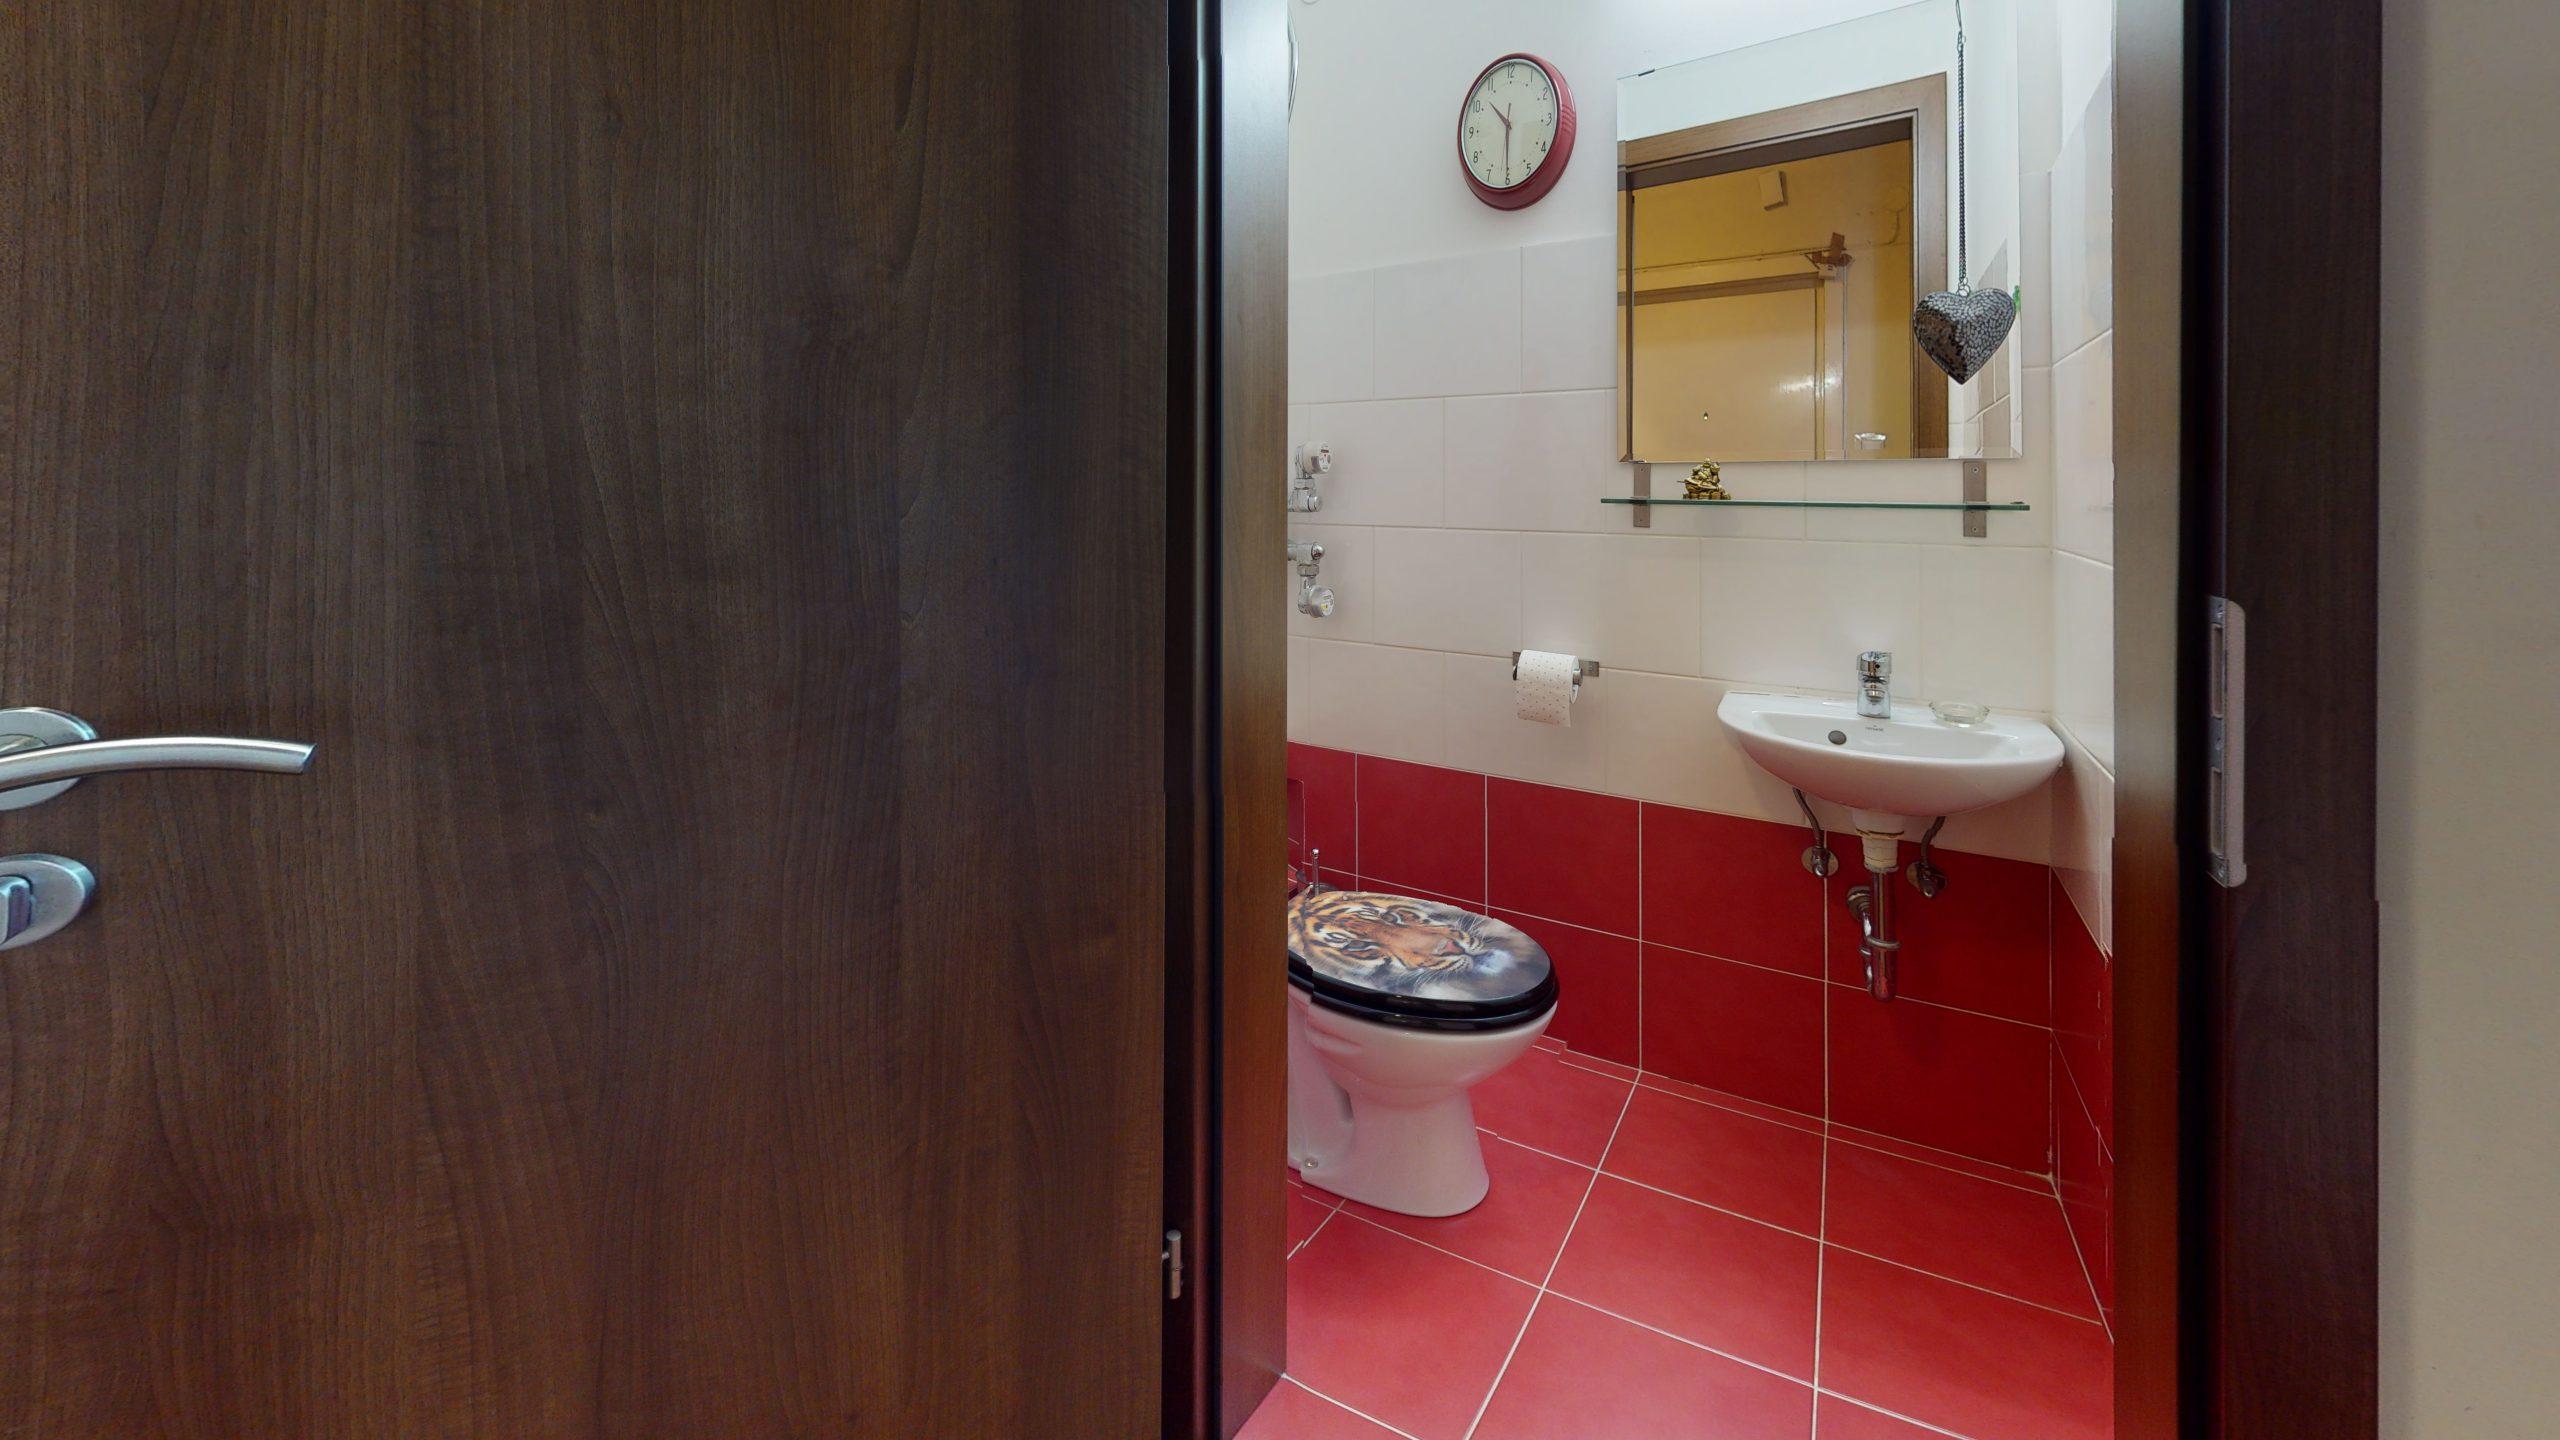 25-Zimmer-Wohnung-in-Stuttgart-Zuffenhausen-Bathroom